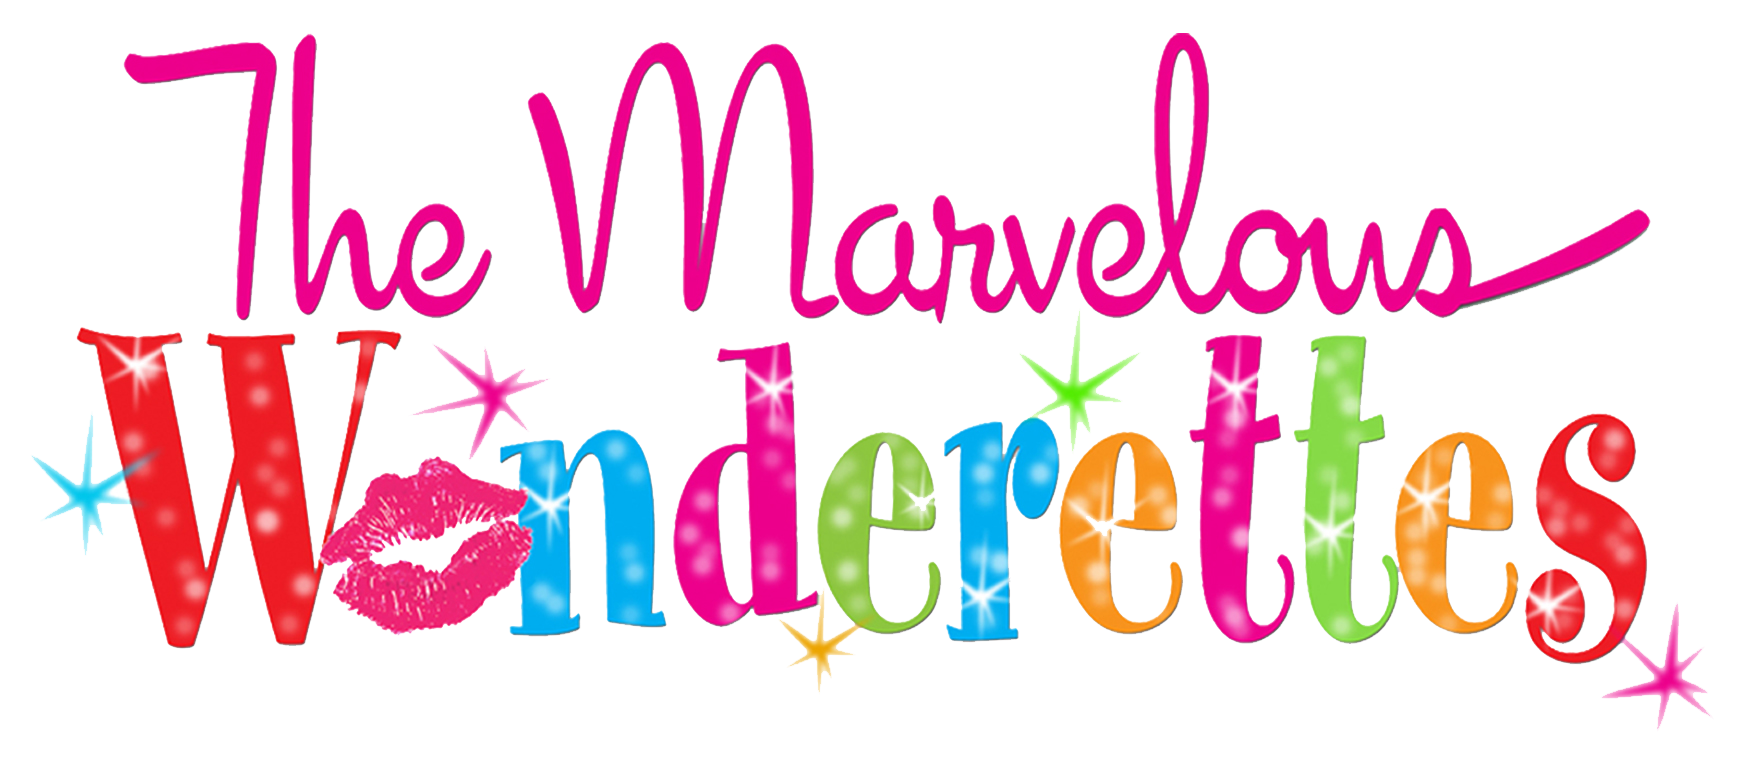 Marvelous Wonderettes Trans.png